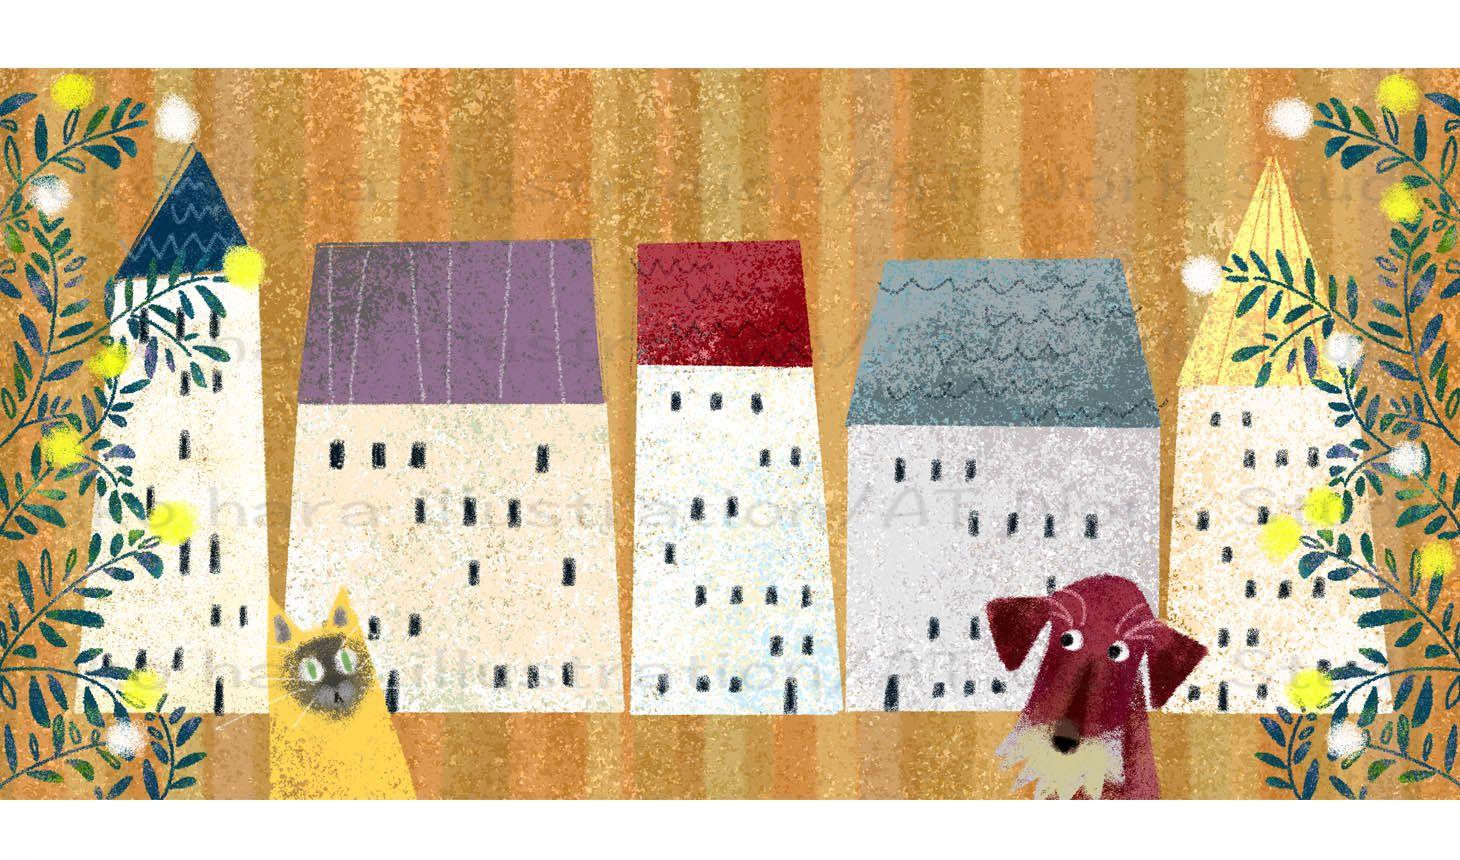 家並みと犬と猫のイラスト